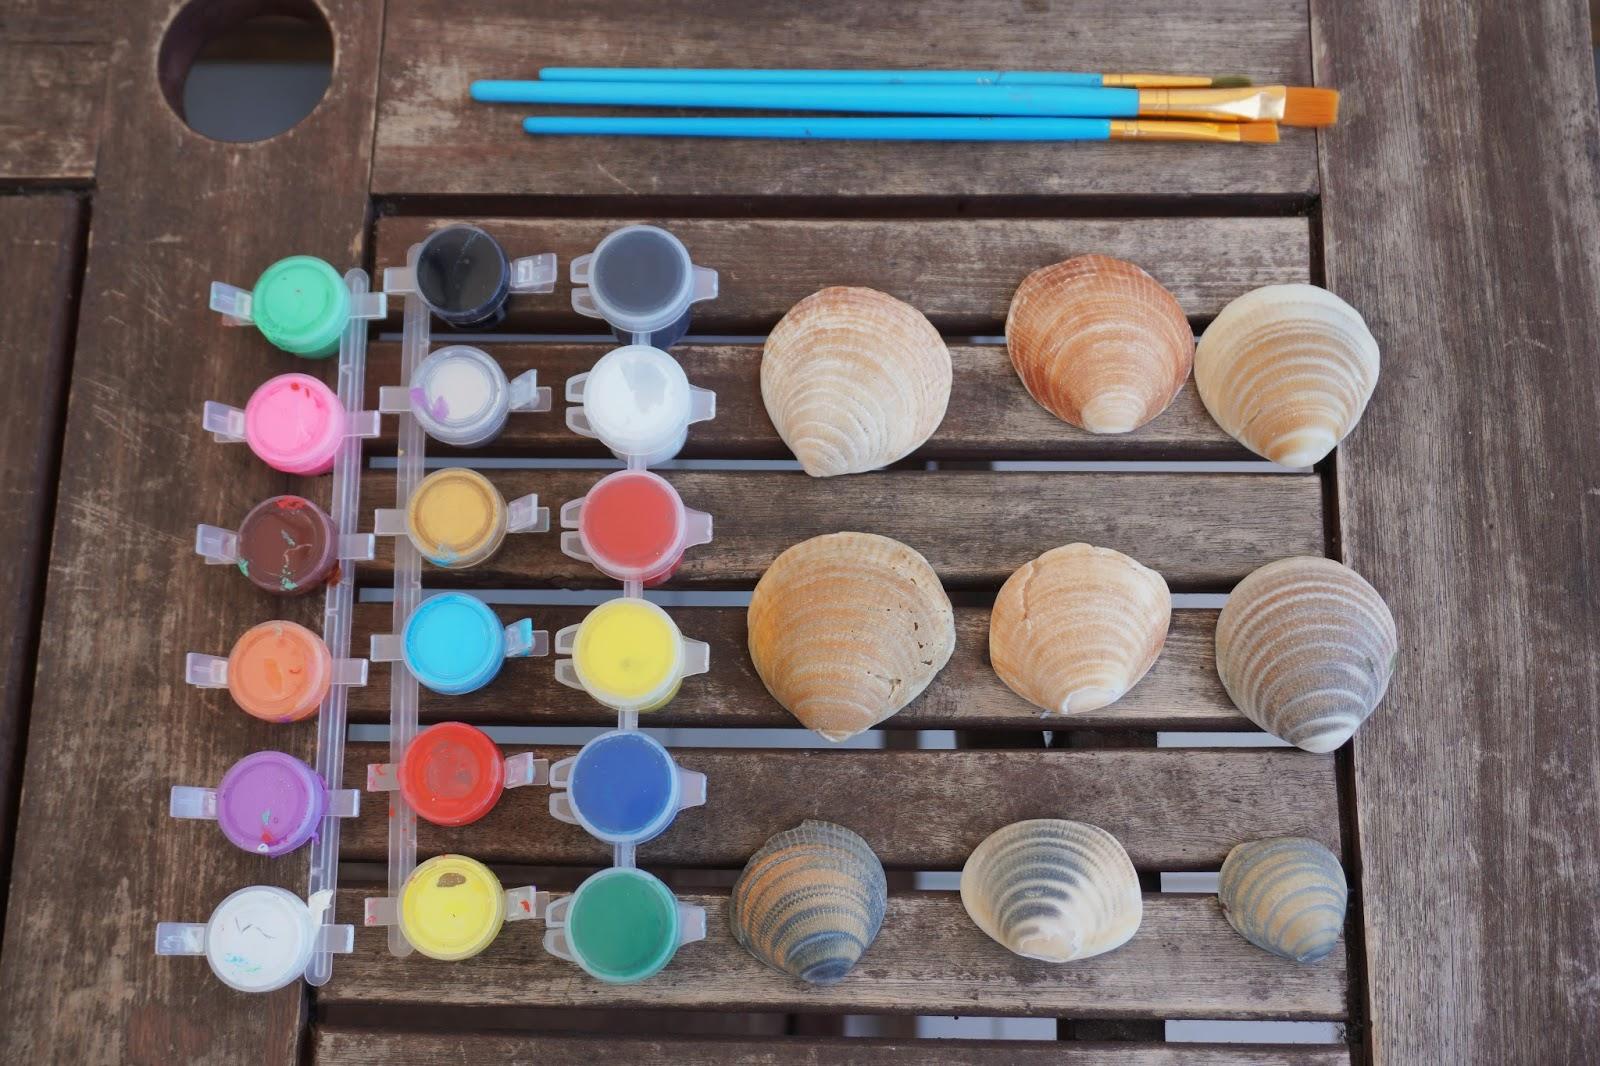 O-que-fazer-com-conchas-atividades-crianças-AtMums